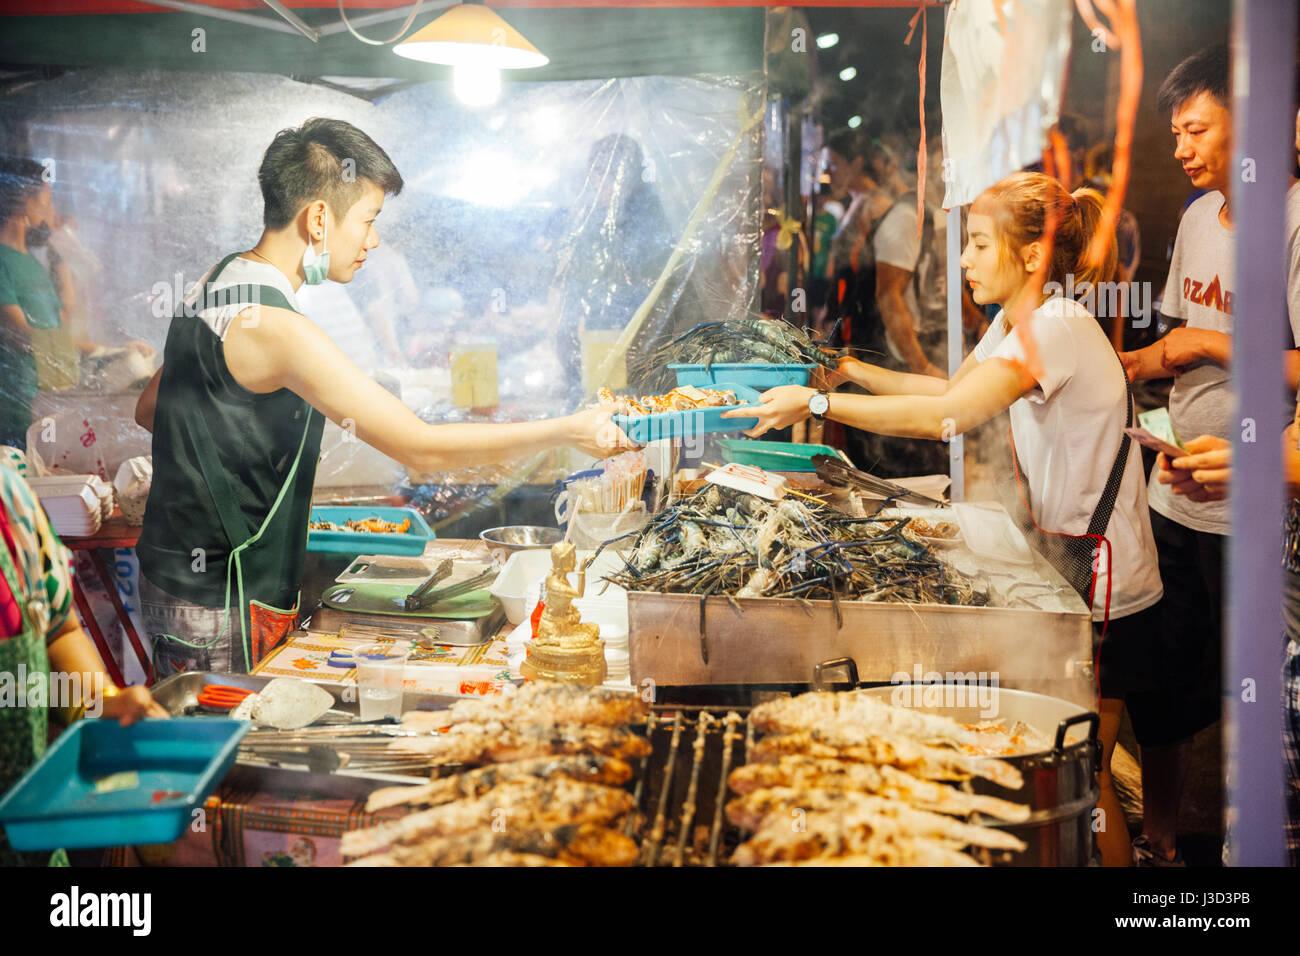 CHIANG MAI, THAÏLANDE - 27 août: le vendeur alimentaire cuisiniers et vend des poissons et fruits de mer au marché Banque D'Images